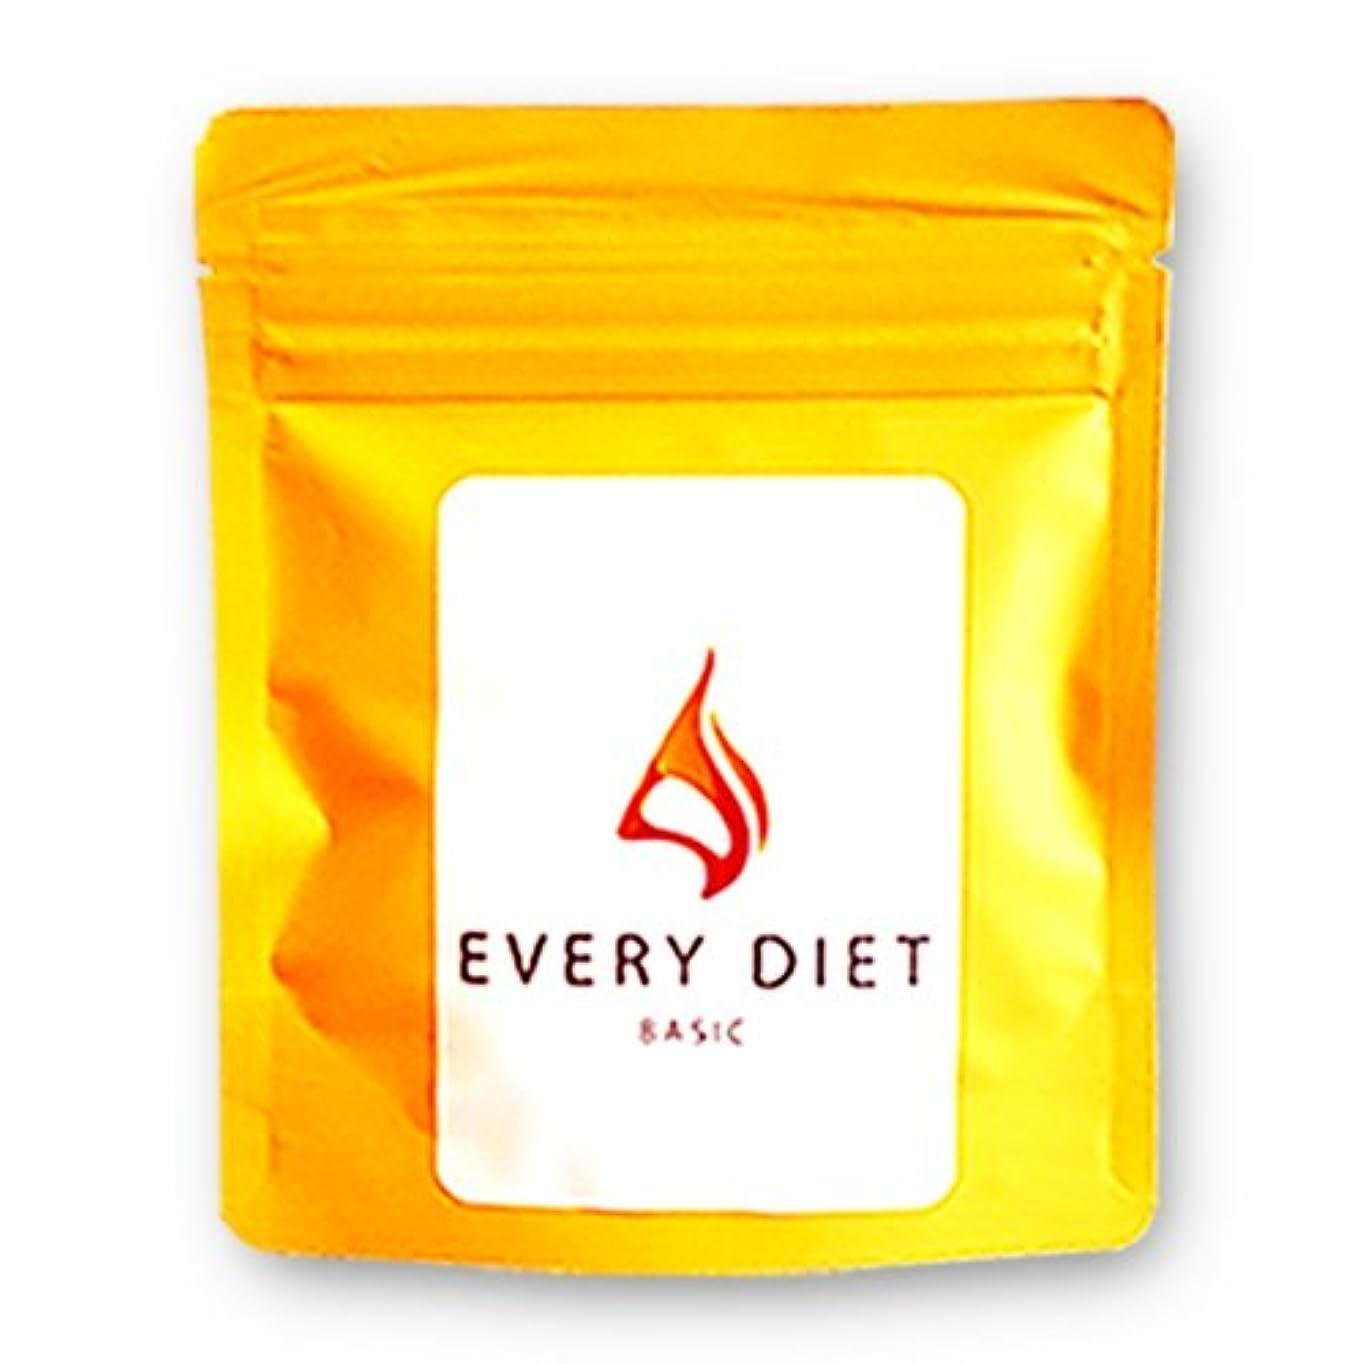 代表するまたねで出来ているエブリダイエット ベーシック (Every Diet Basic)